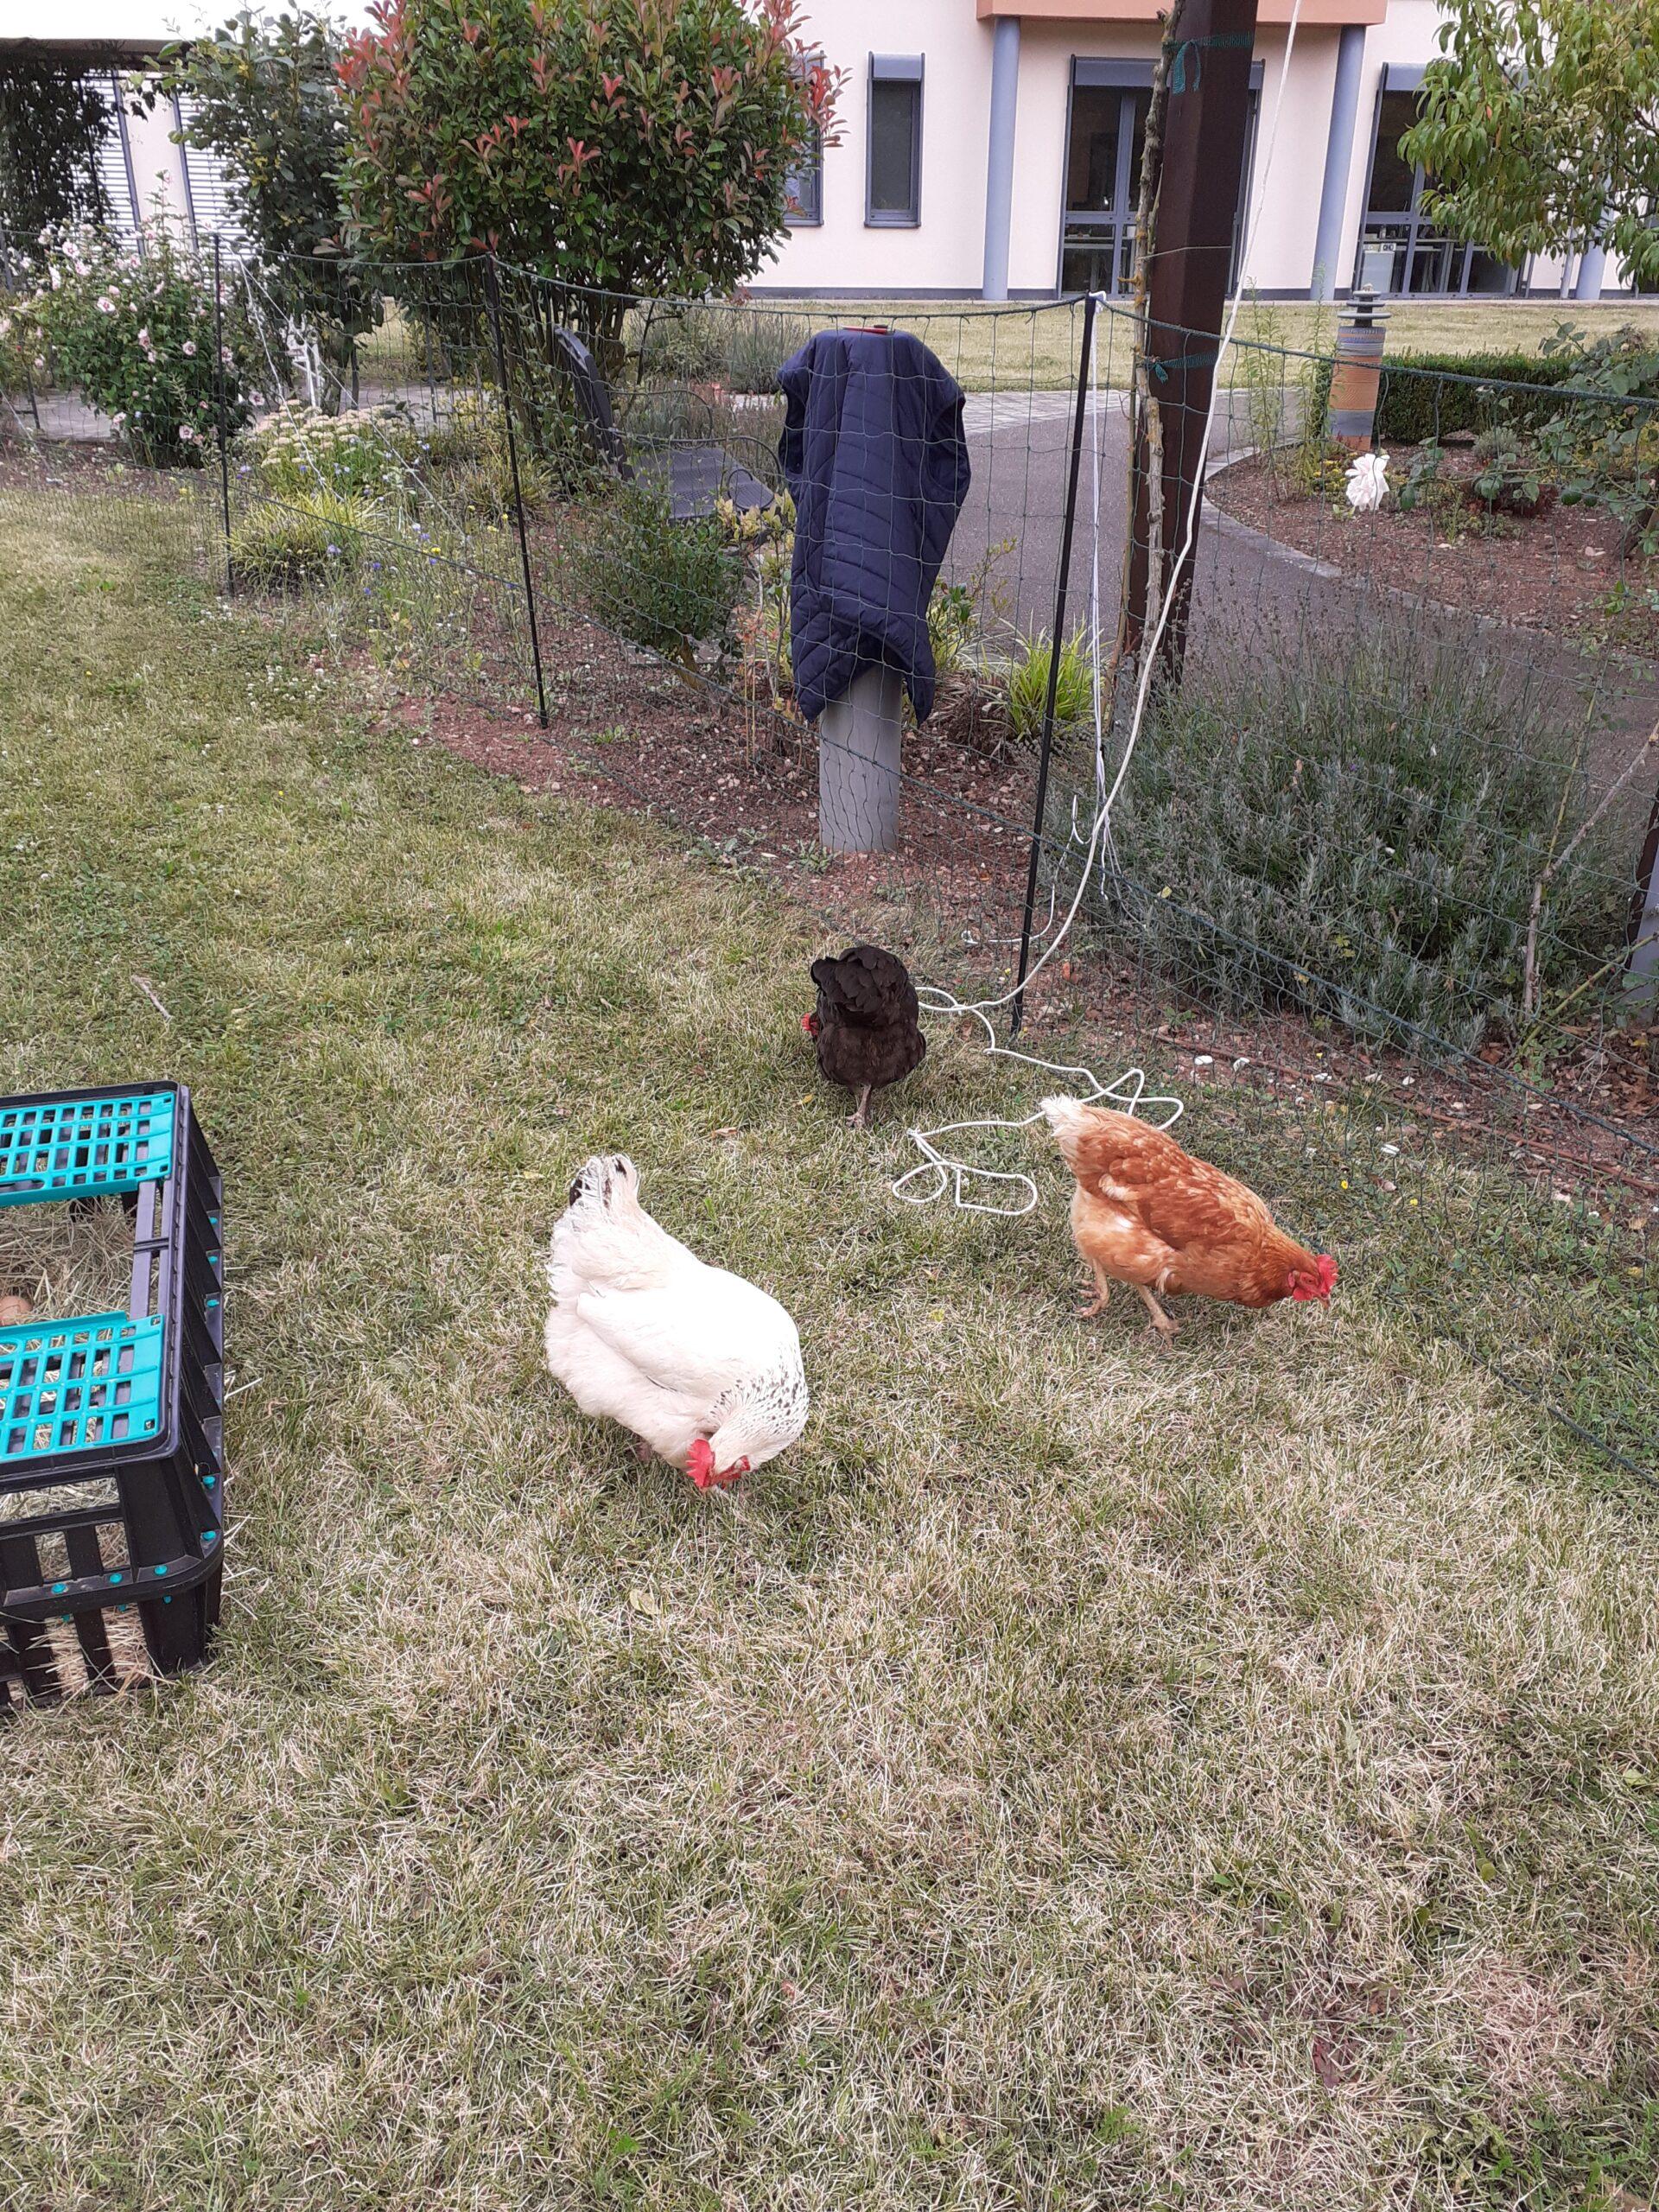 Leihhühner für 3 Wochen im Luisengarten